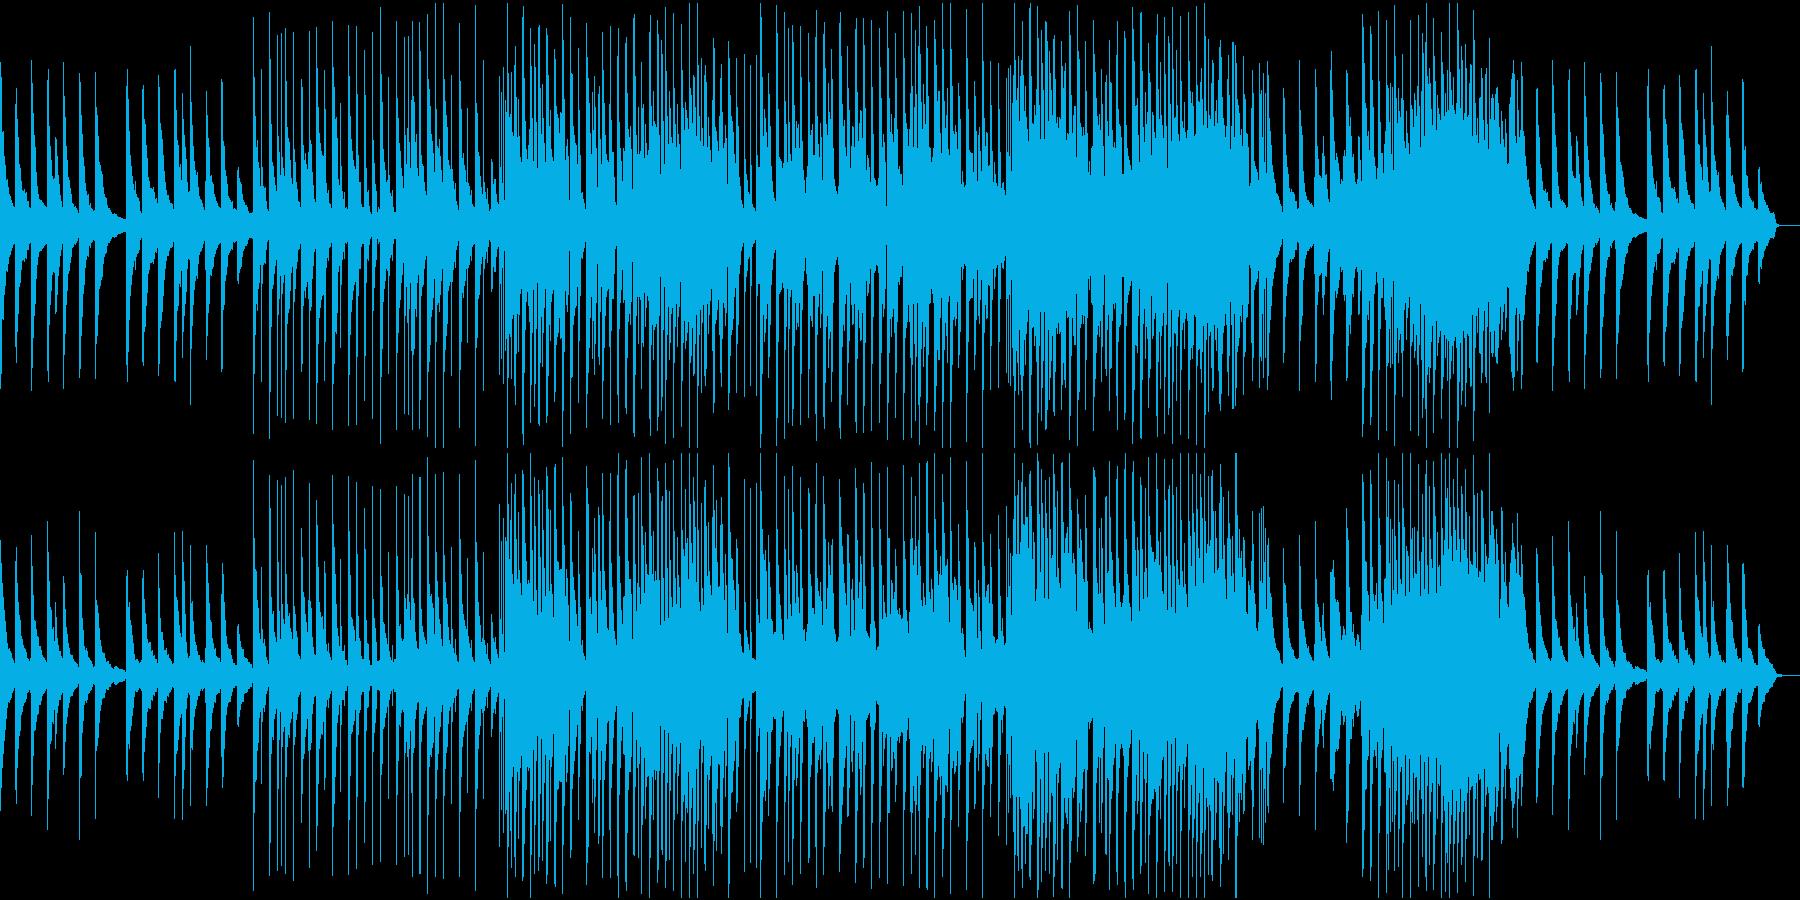 卒業式のBGM。ピアノとアコギとオルガンの再生済みの波形